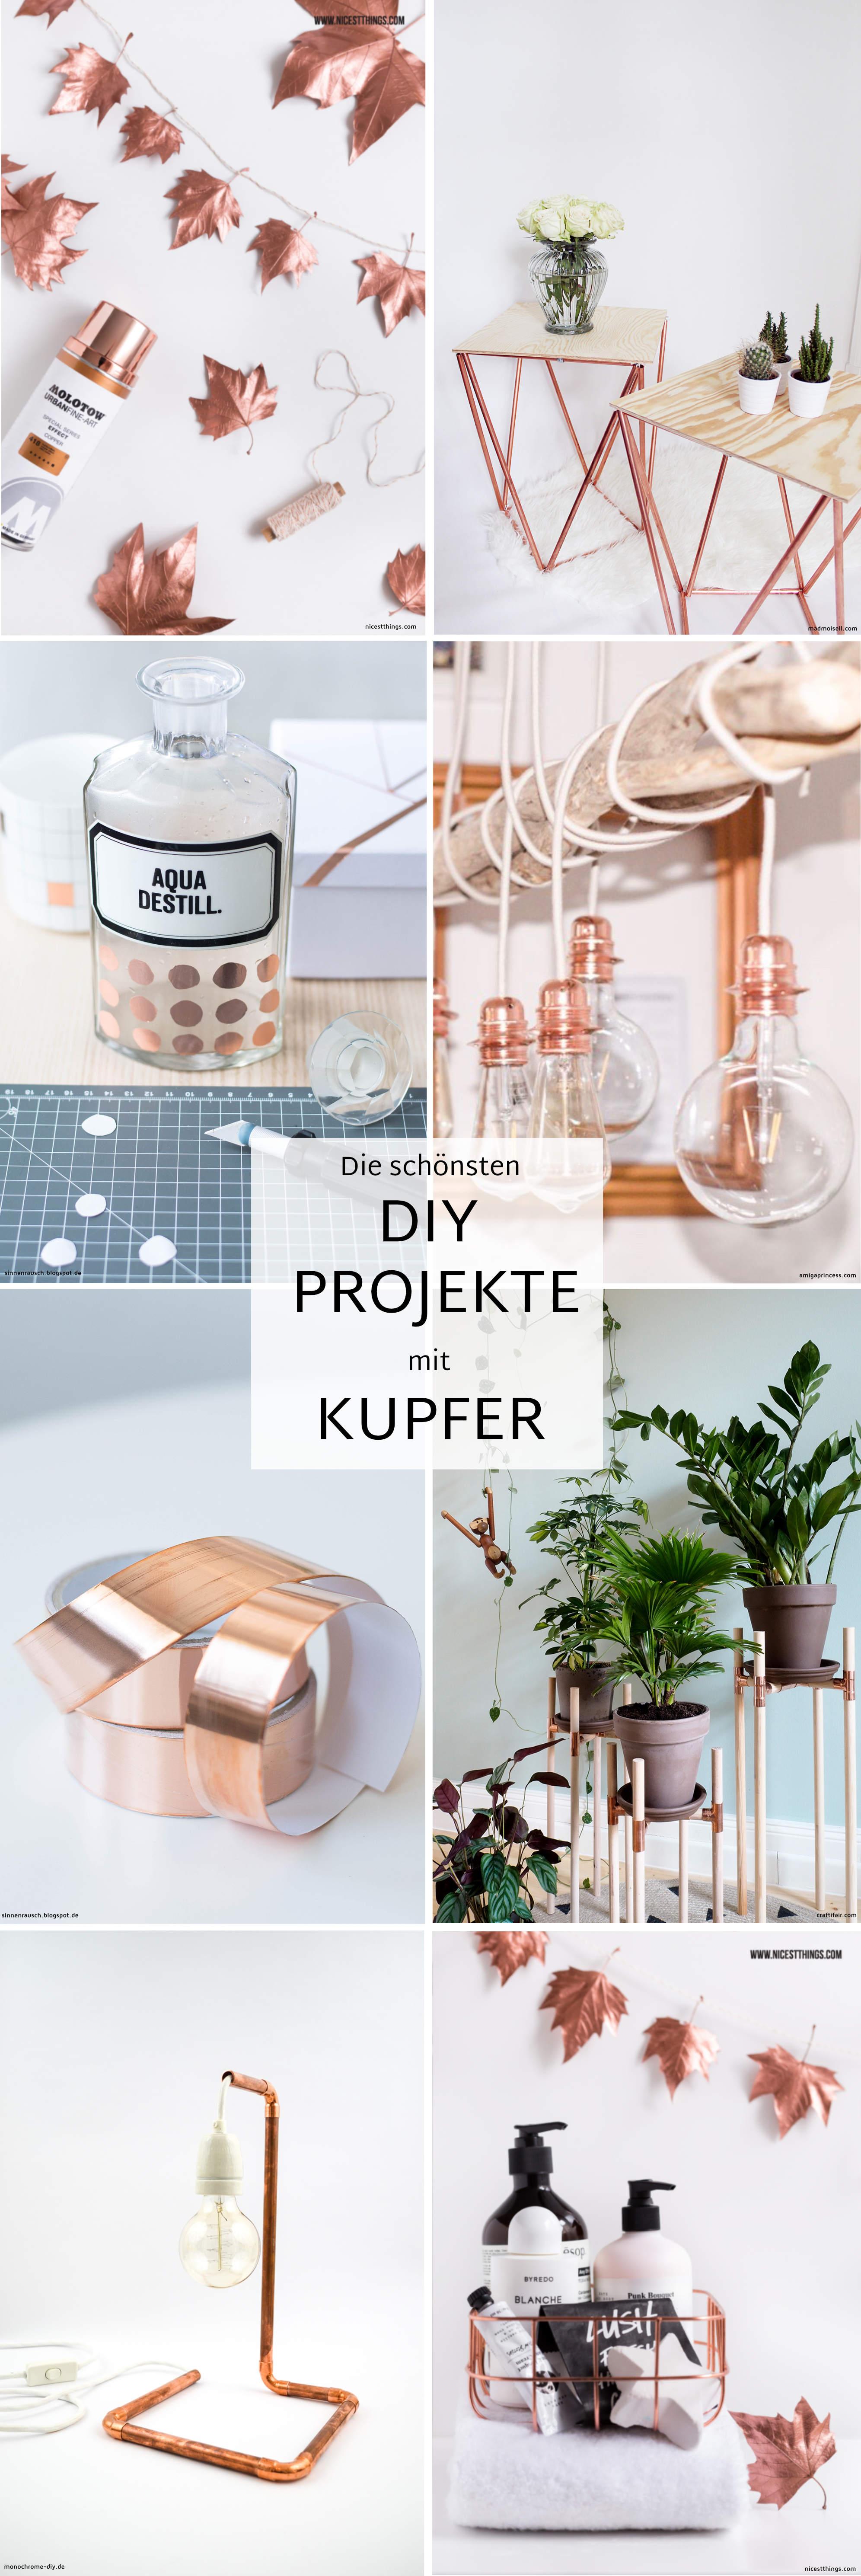 Fesselnd Die Schönsten DIY Projekte Mit Kupfer